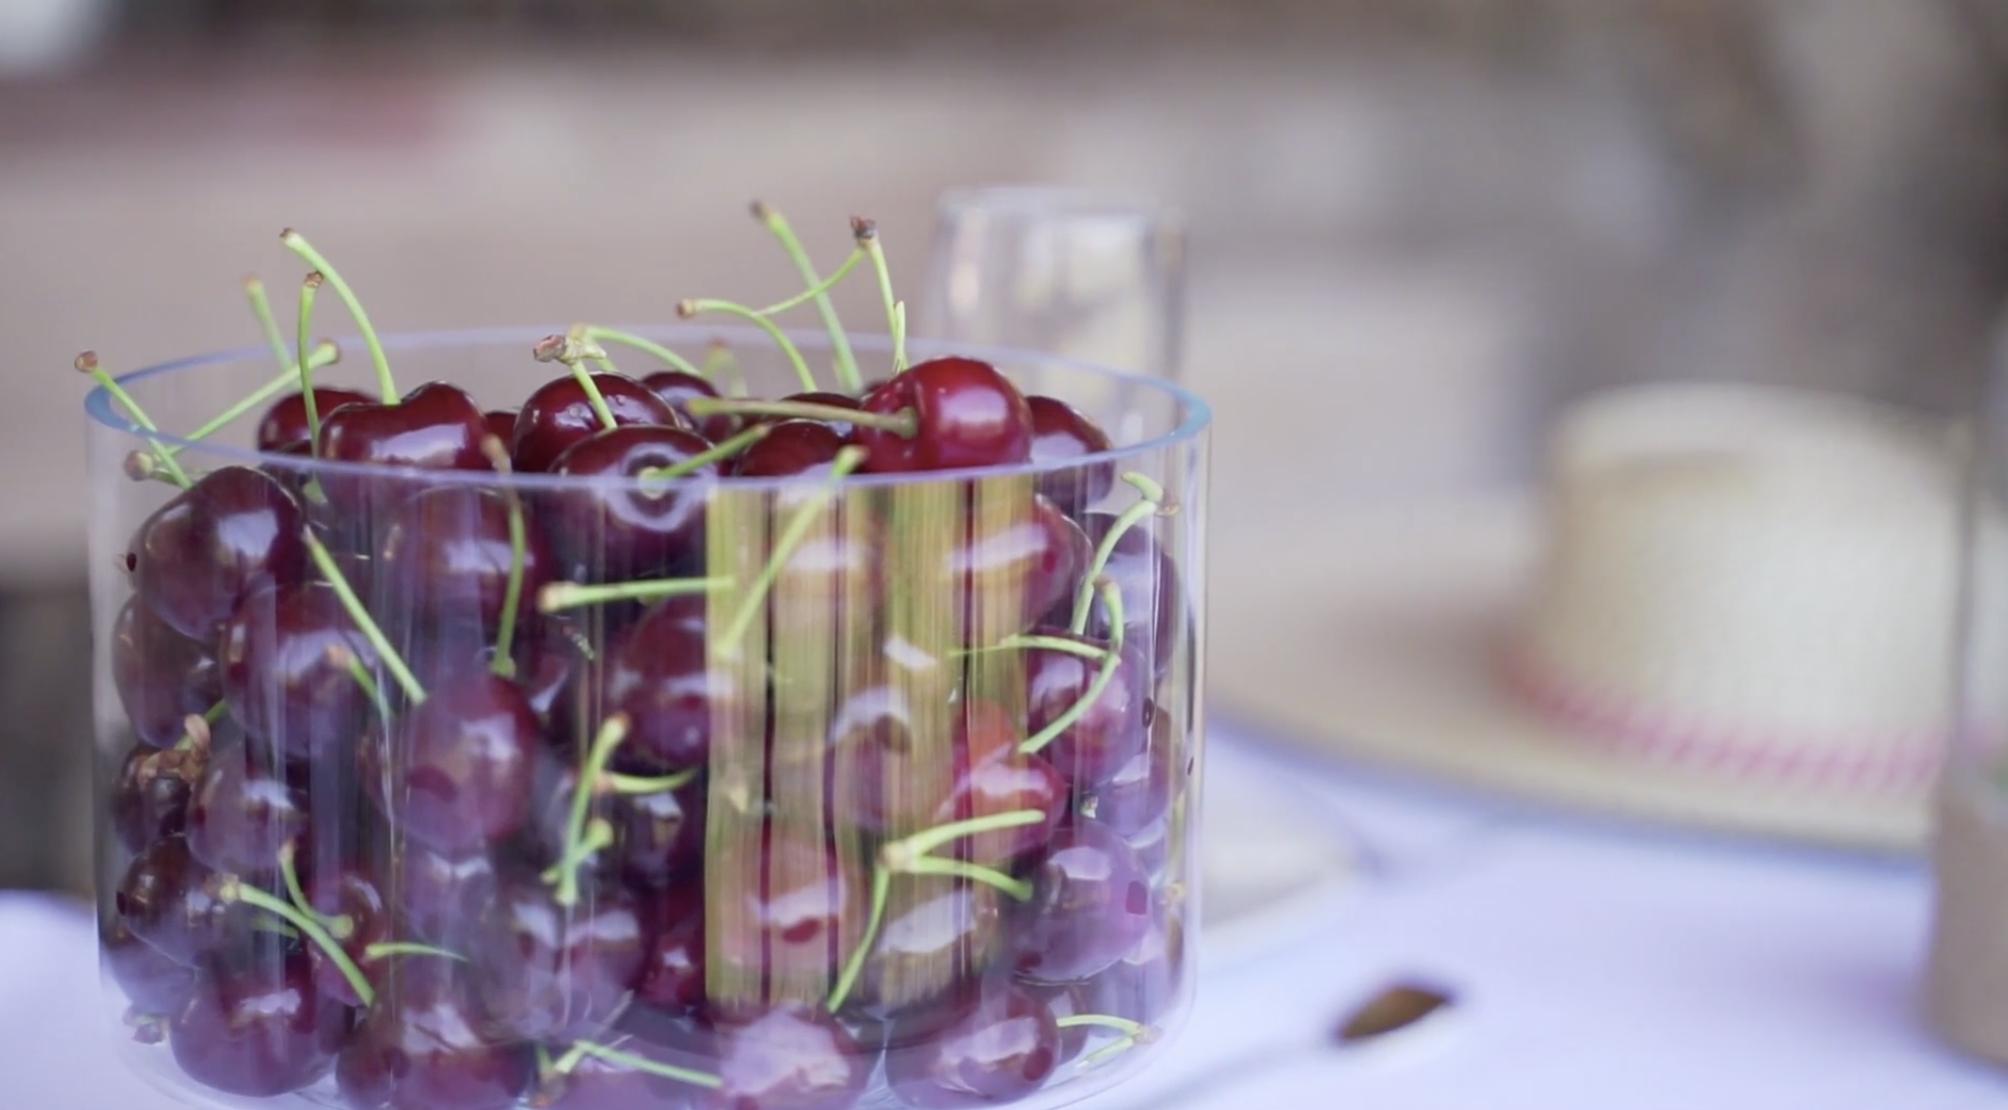 ESPECIAL: Empresario de cerezas chileno es optimista sobre mercado chino